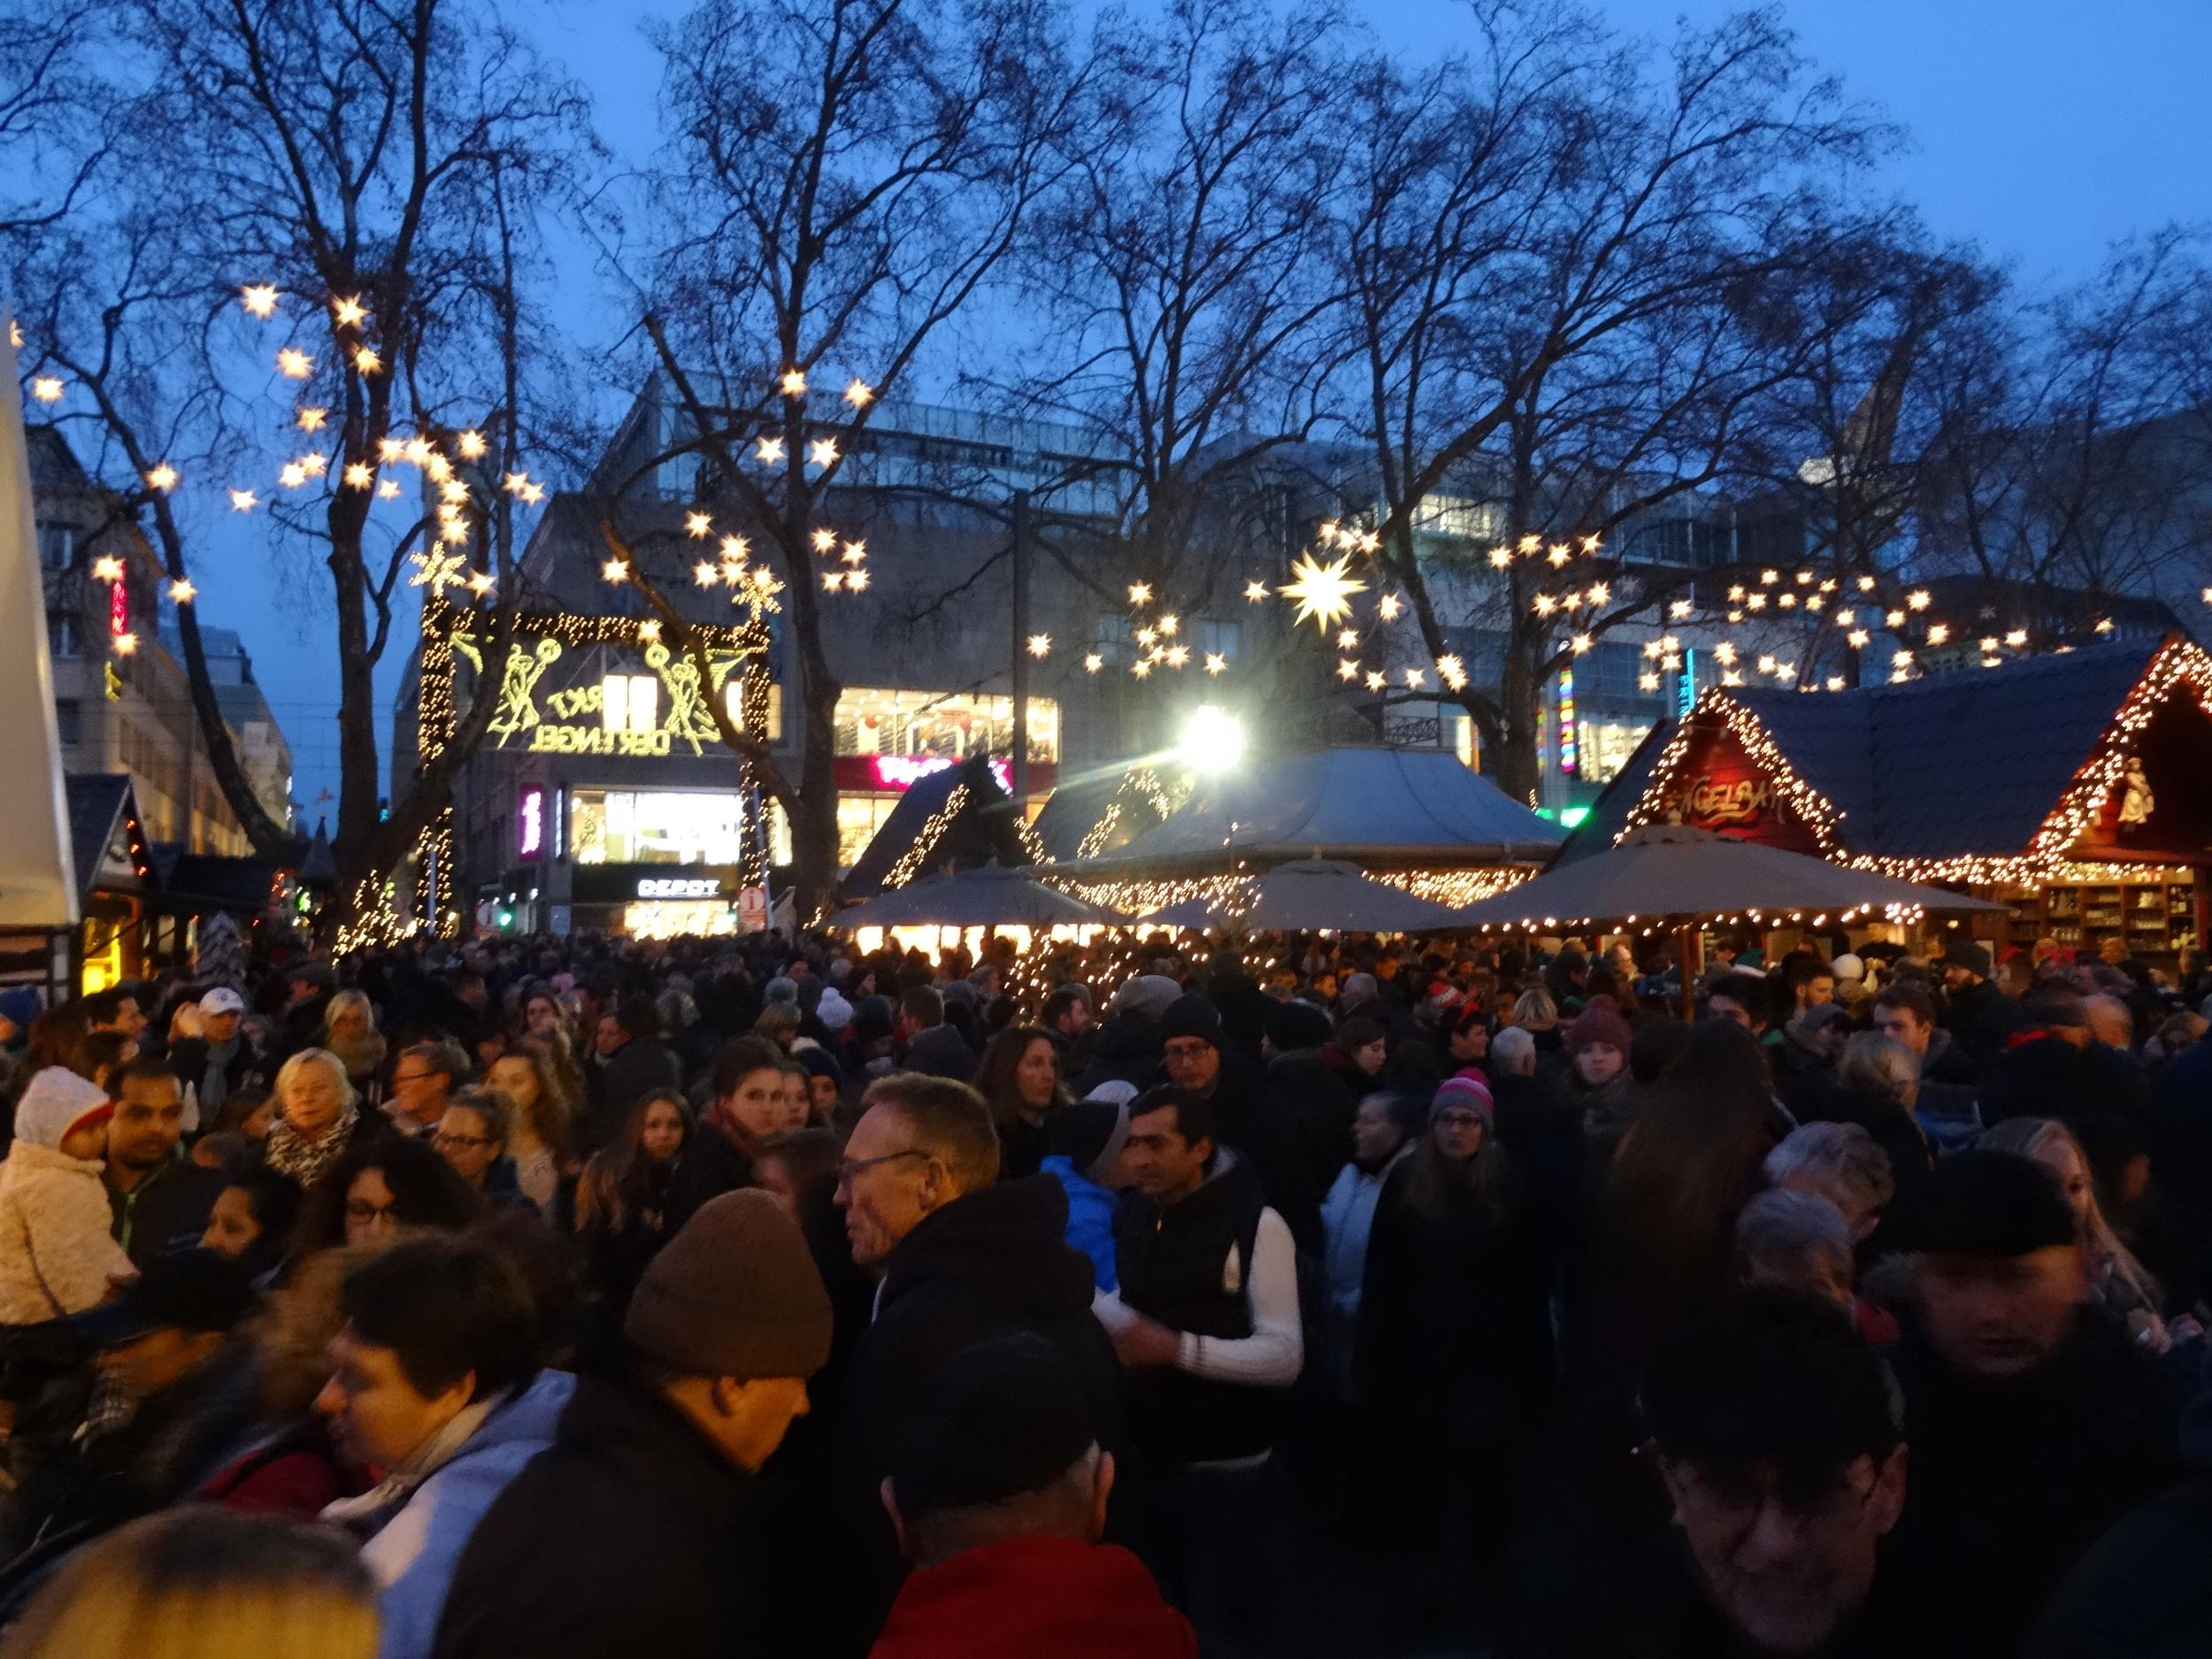 28.Nov.2015 : Viele Leute auf Weihnachtsmarkt